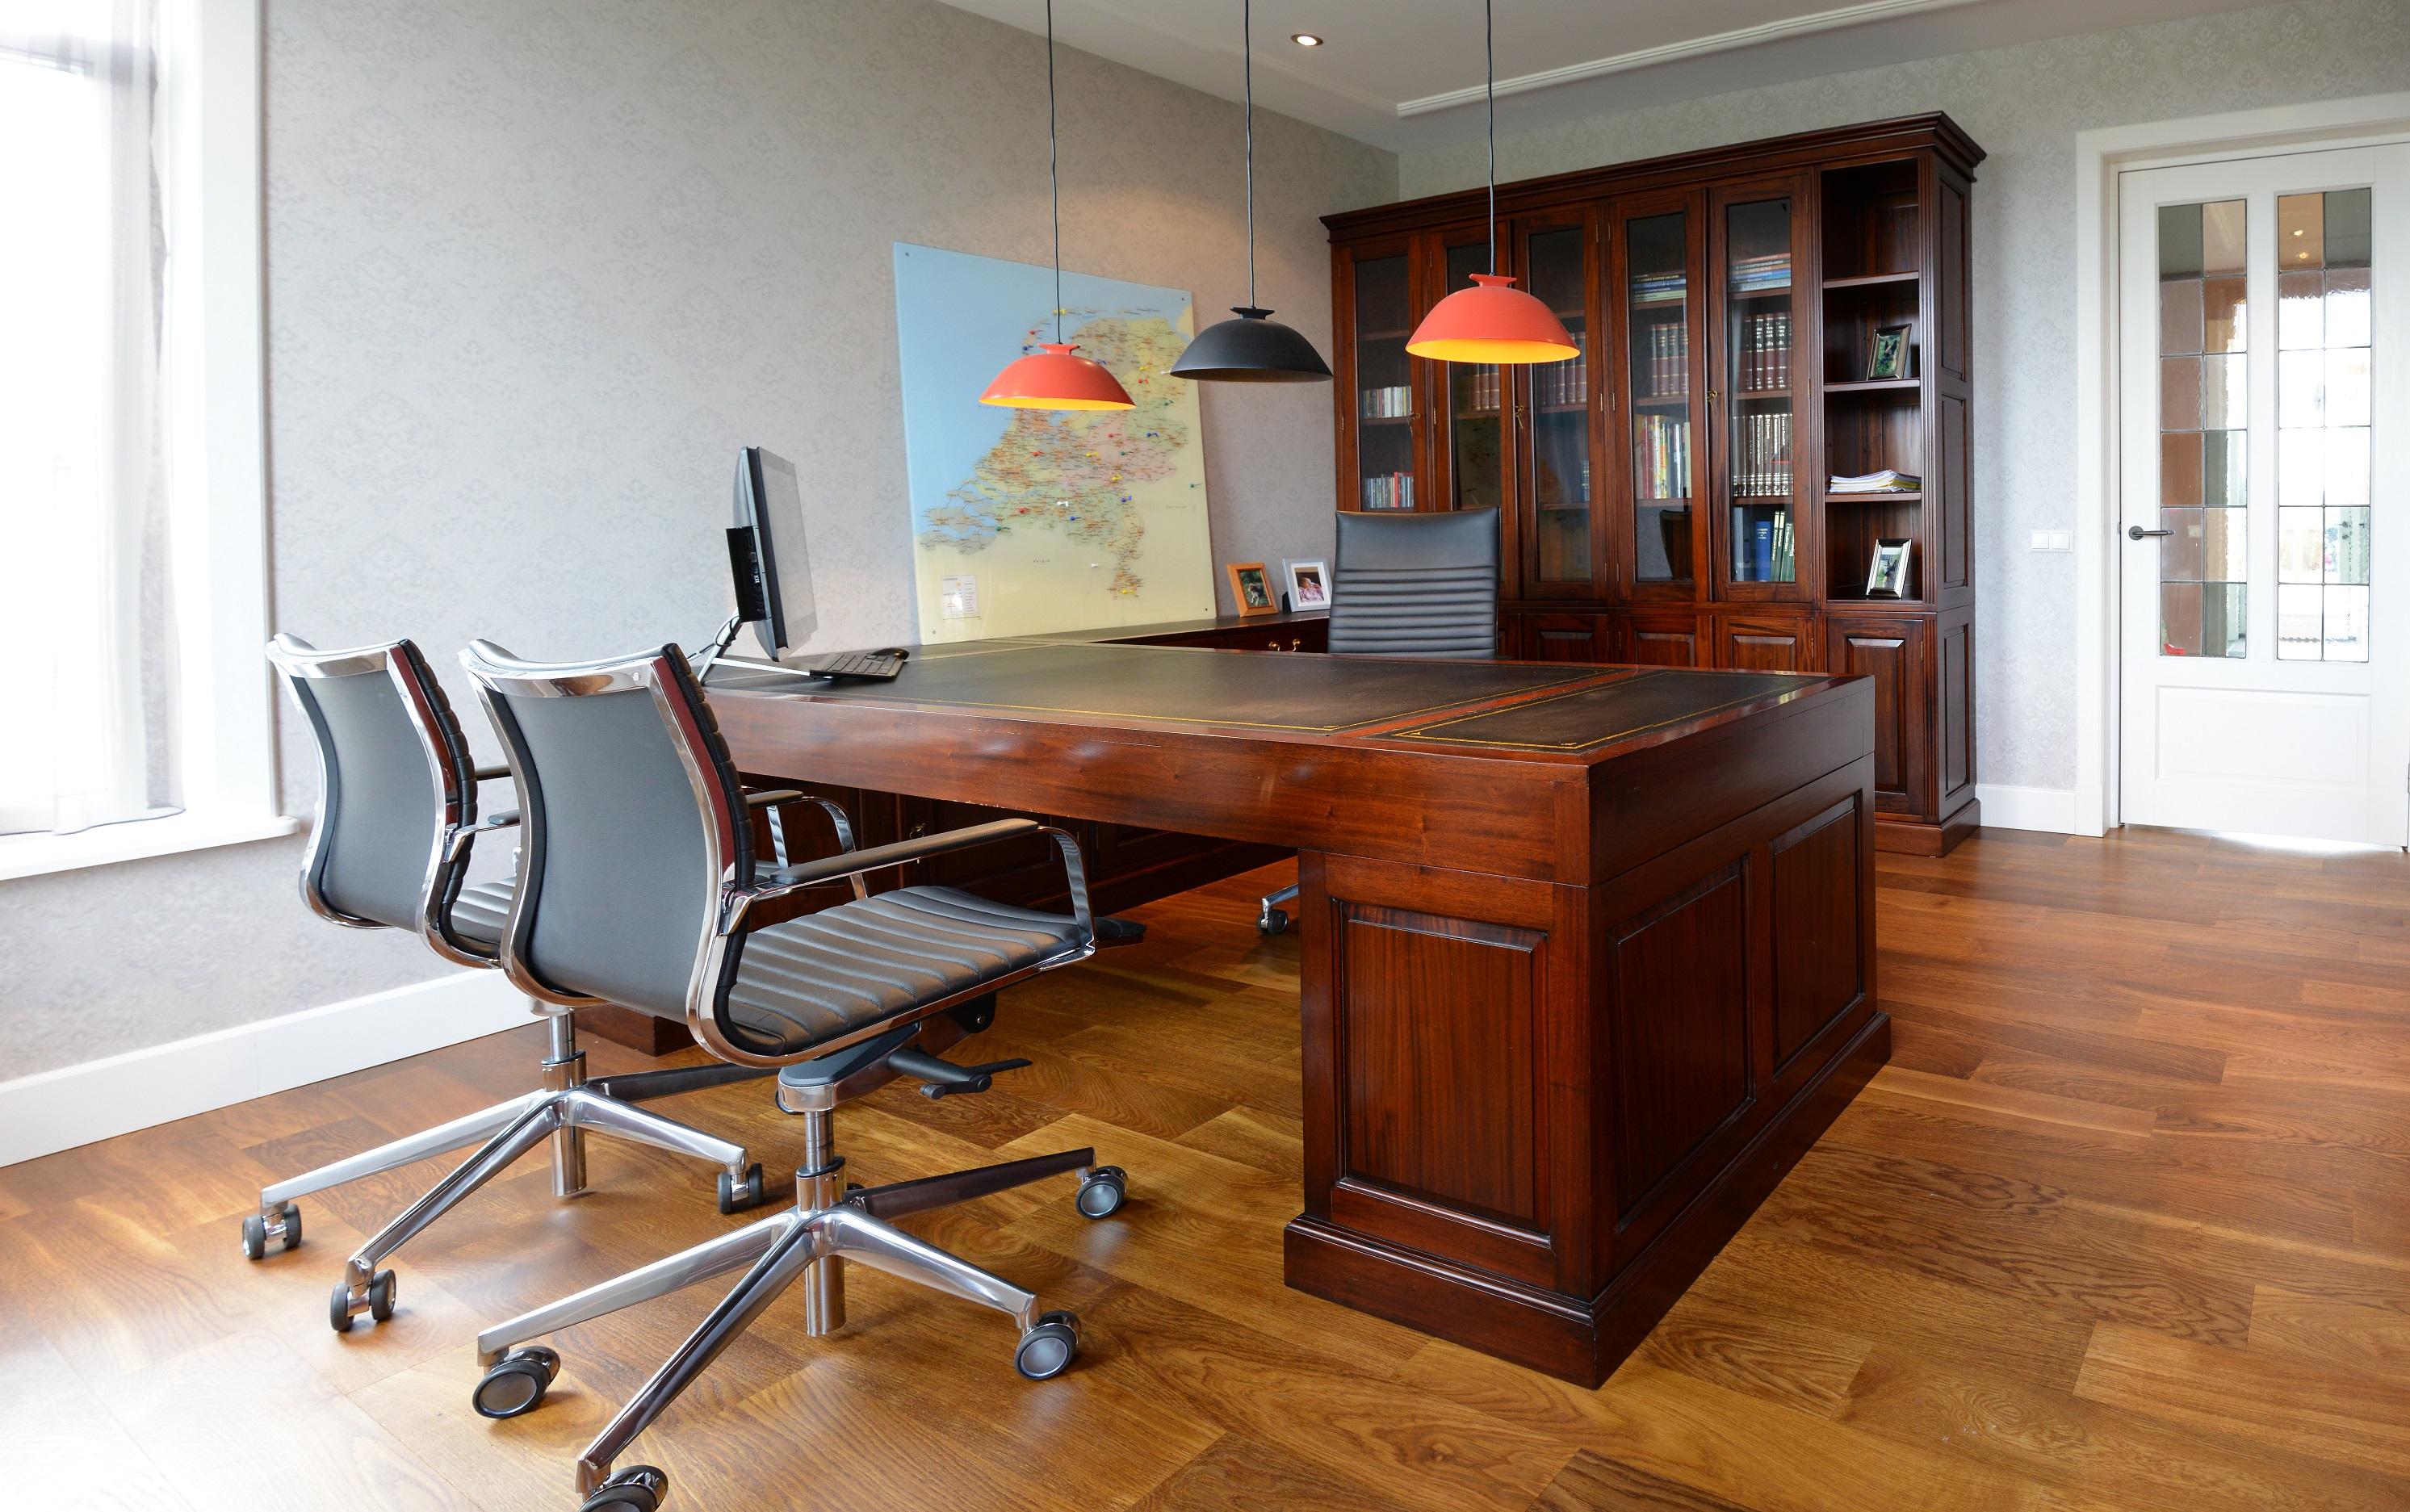 Maatwerk kantoor en souterrain mr higgins - Klassiek kantoor ...